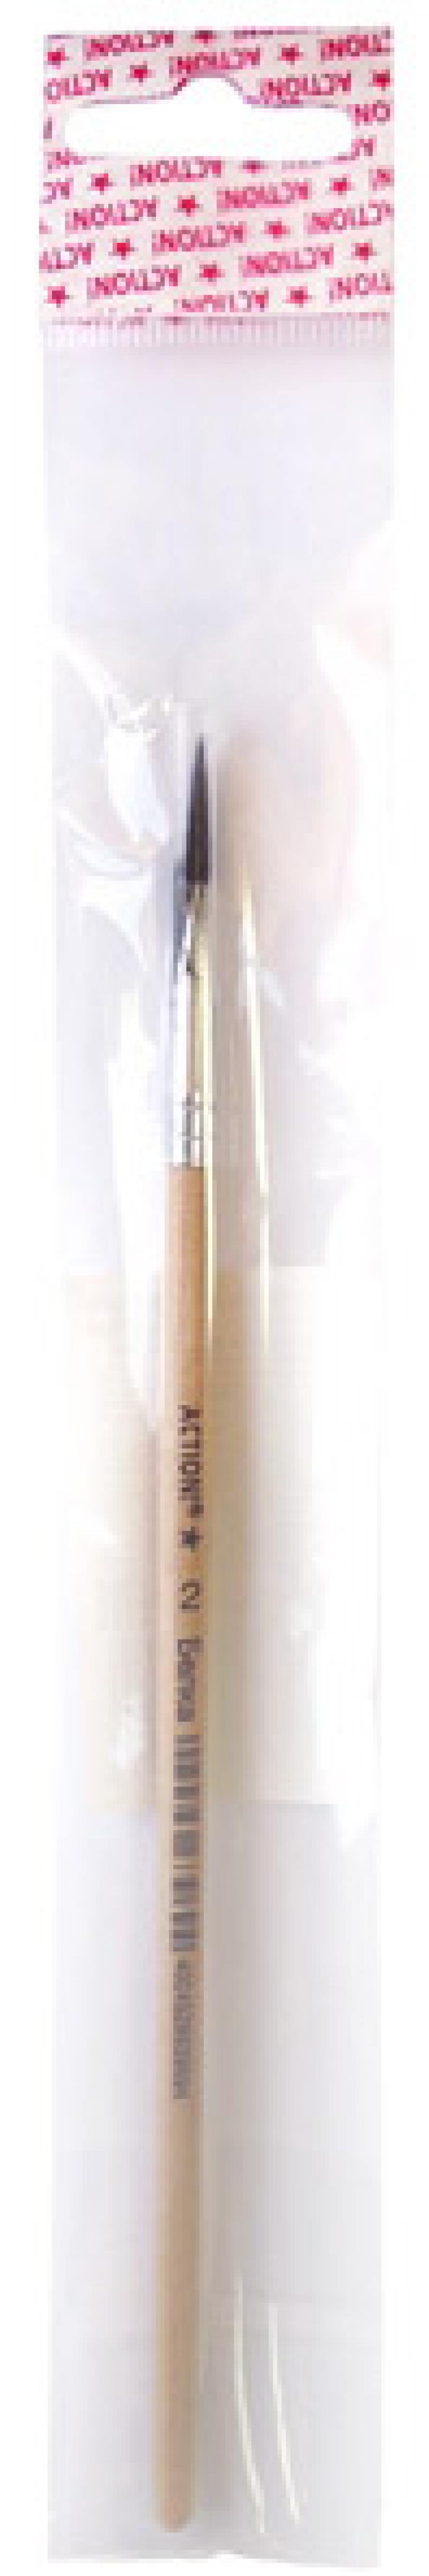 Кисть БЕЛКА, живописная, круглая, имитация, № 2 roubloff кисть 1412 белка круглая 9 длинная ручка